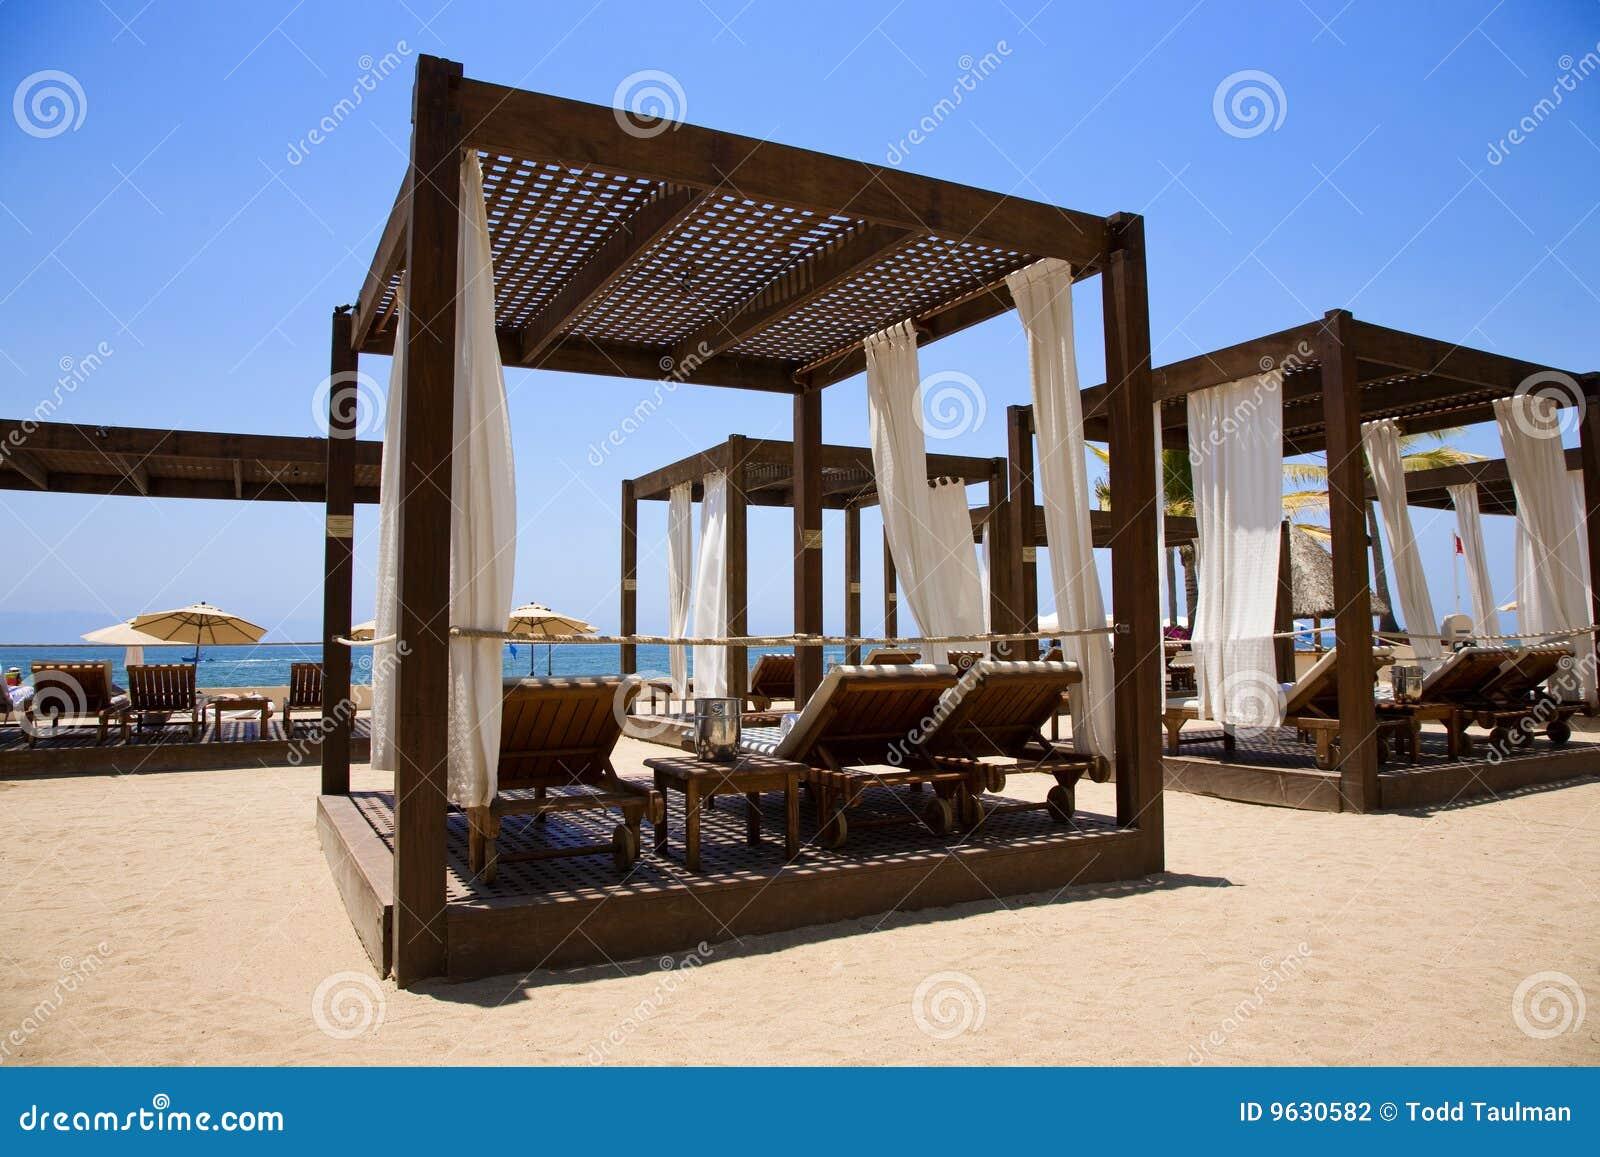 Caba a de la playa foto de archivo imagen de agua azul for Cabanas en el agua bali